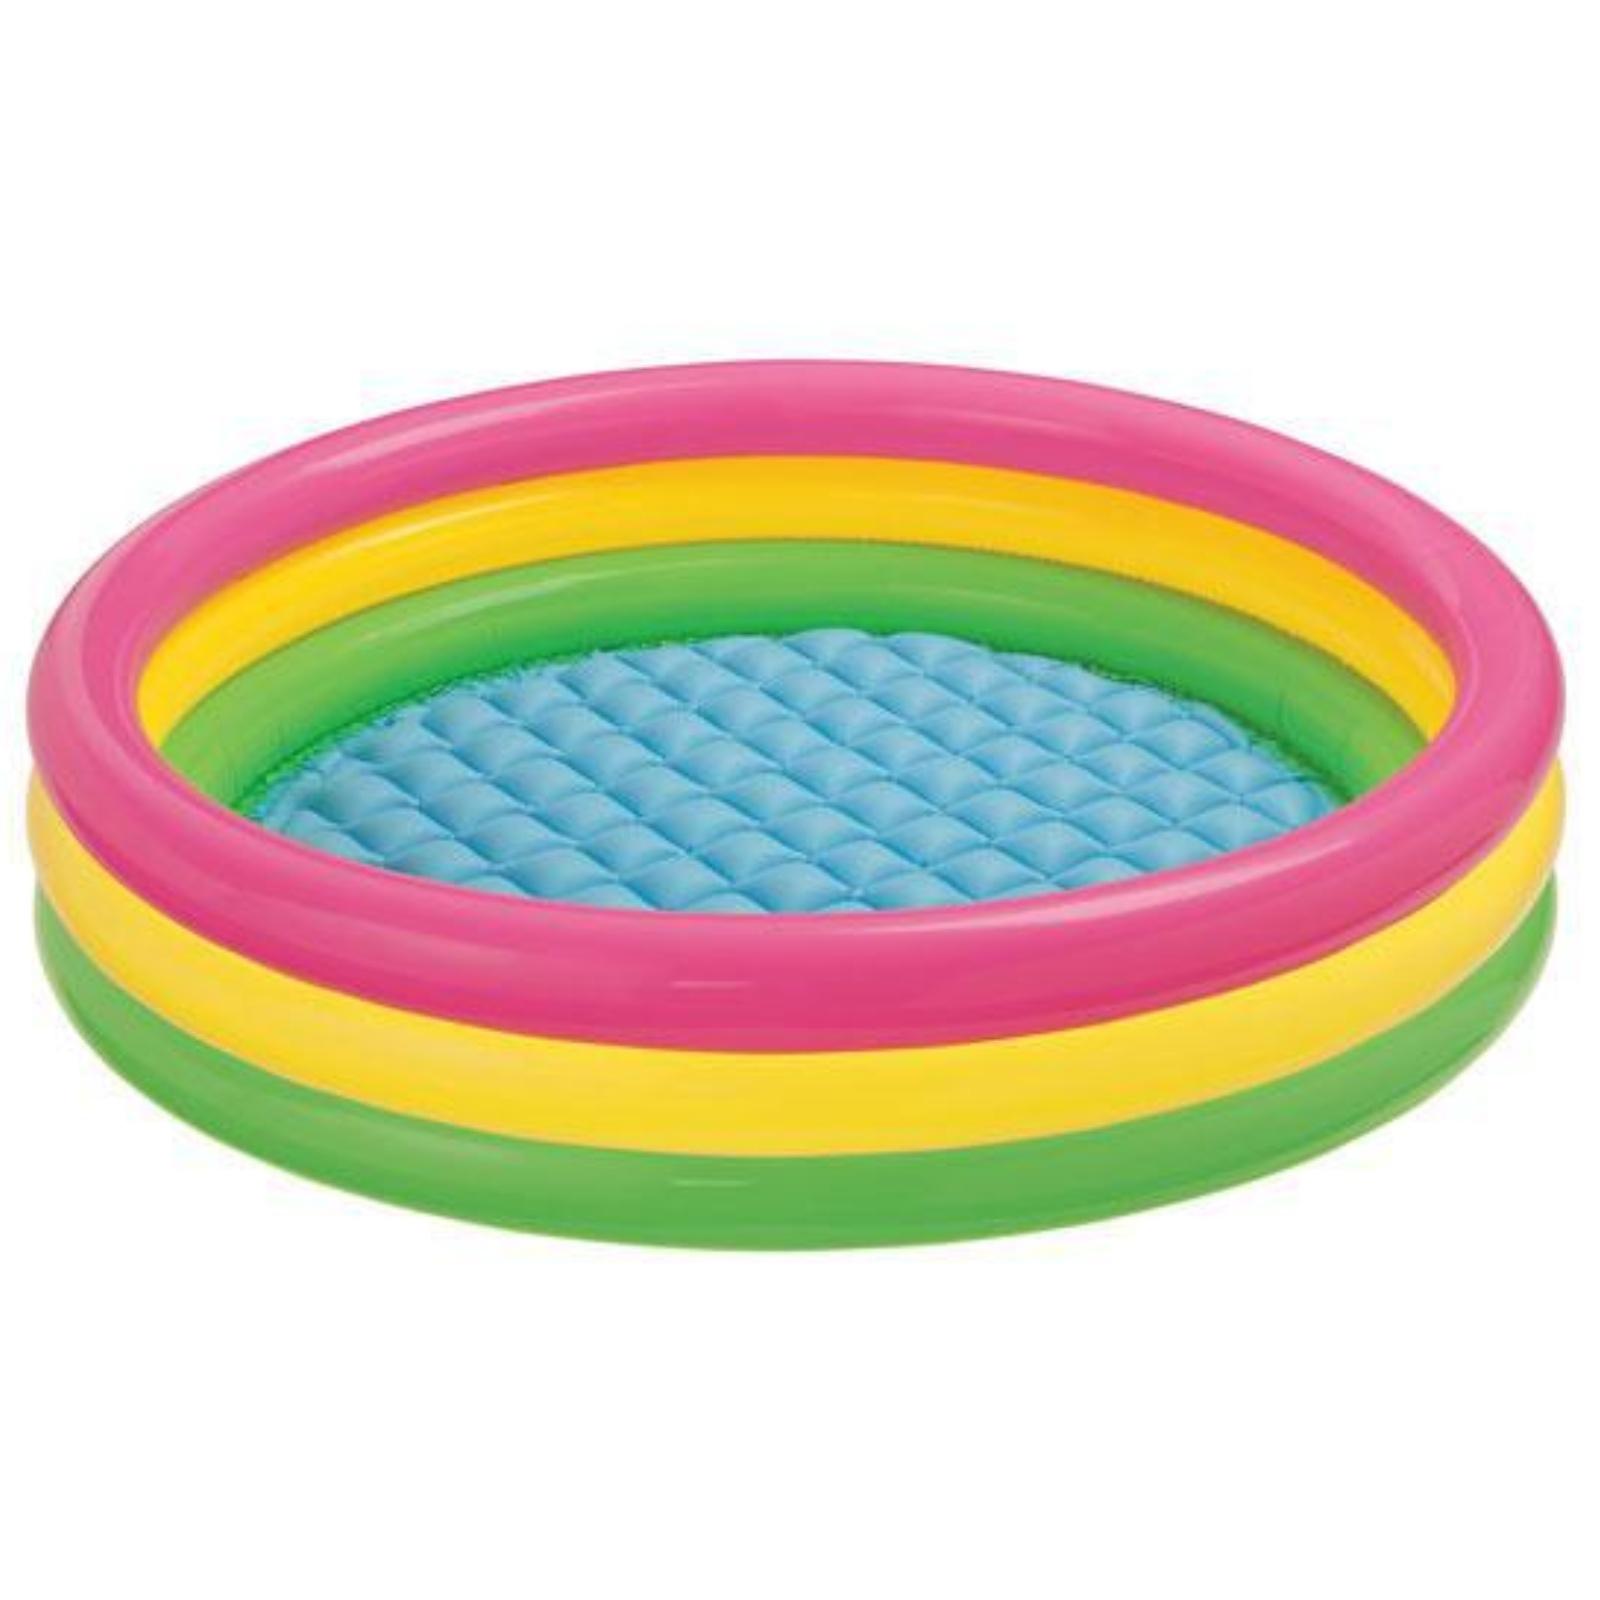 Nafukovací bazén Soft 147 x 33 cm